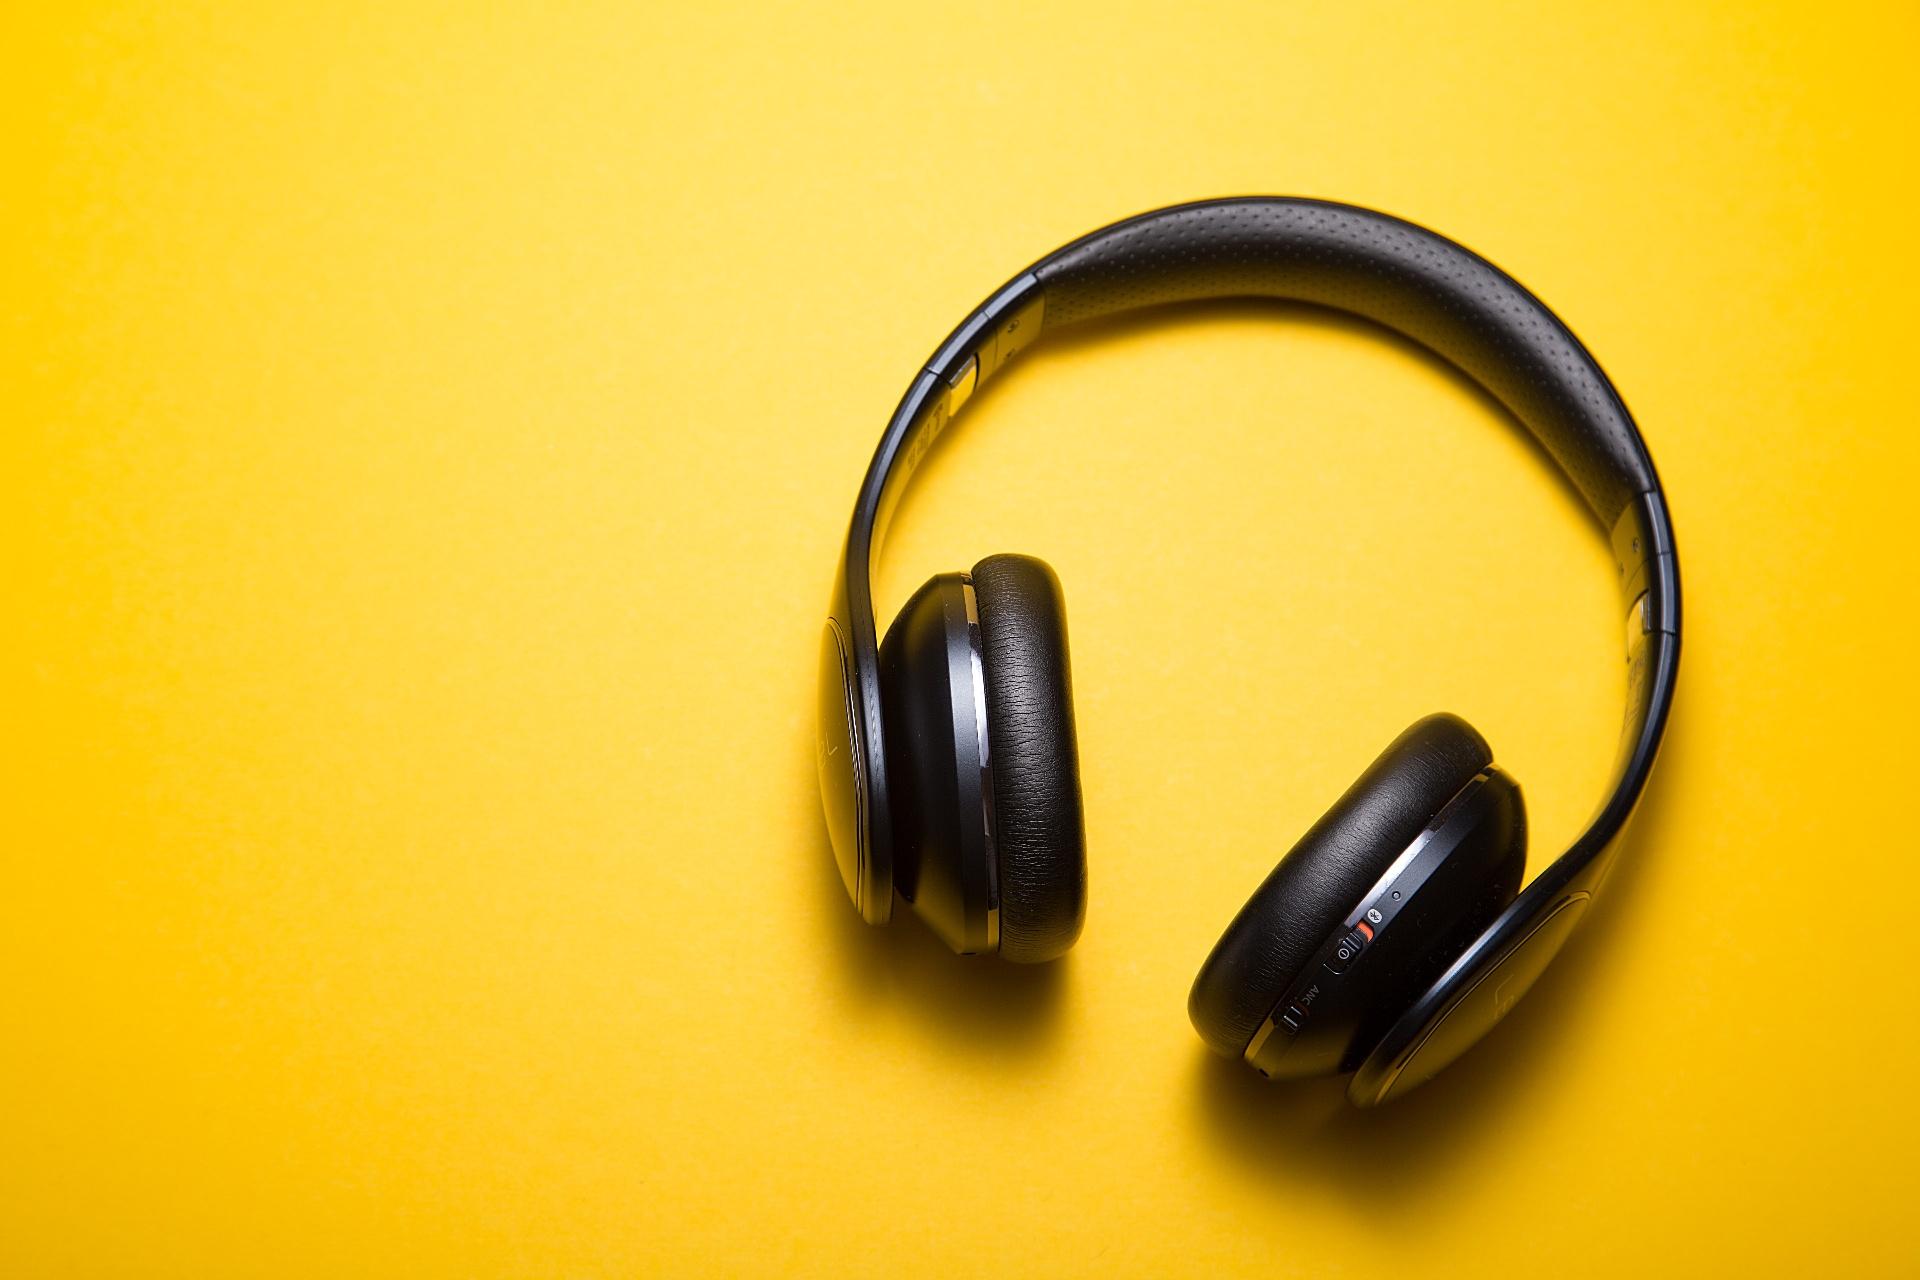 Kundenunzufriedenheit und Geschäftseinbussen aufgrund schlechter Audioqualität_cmm360_Photo by C D-X on Unsplash